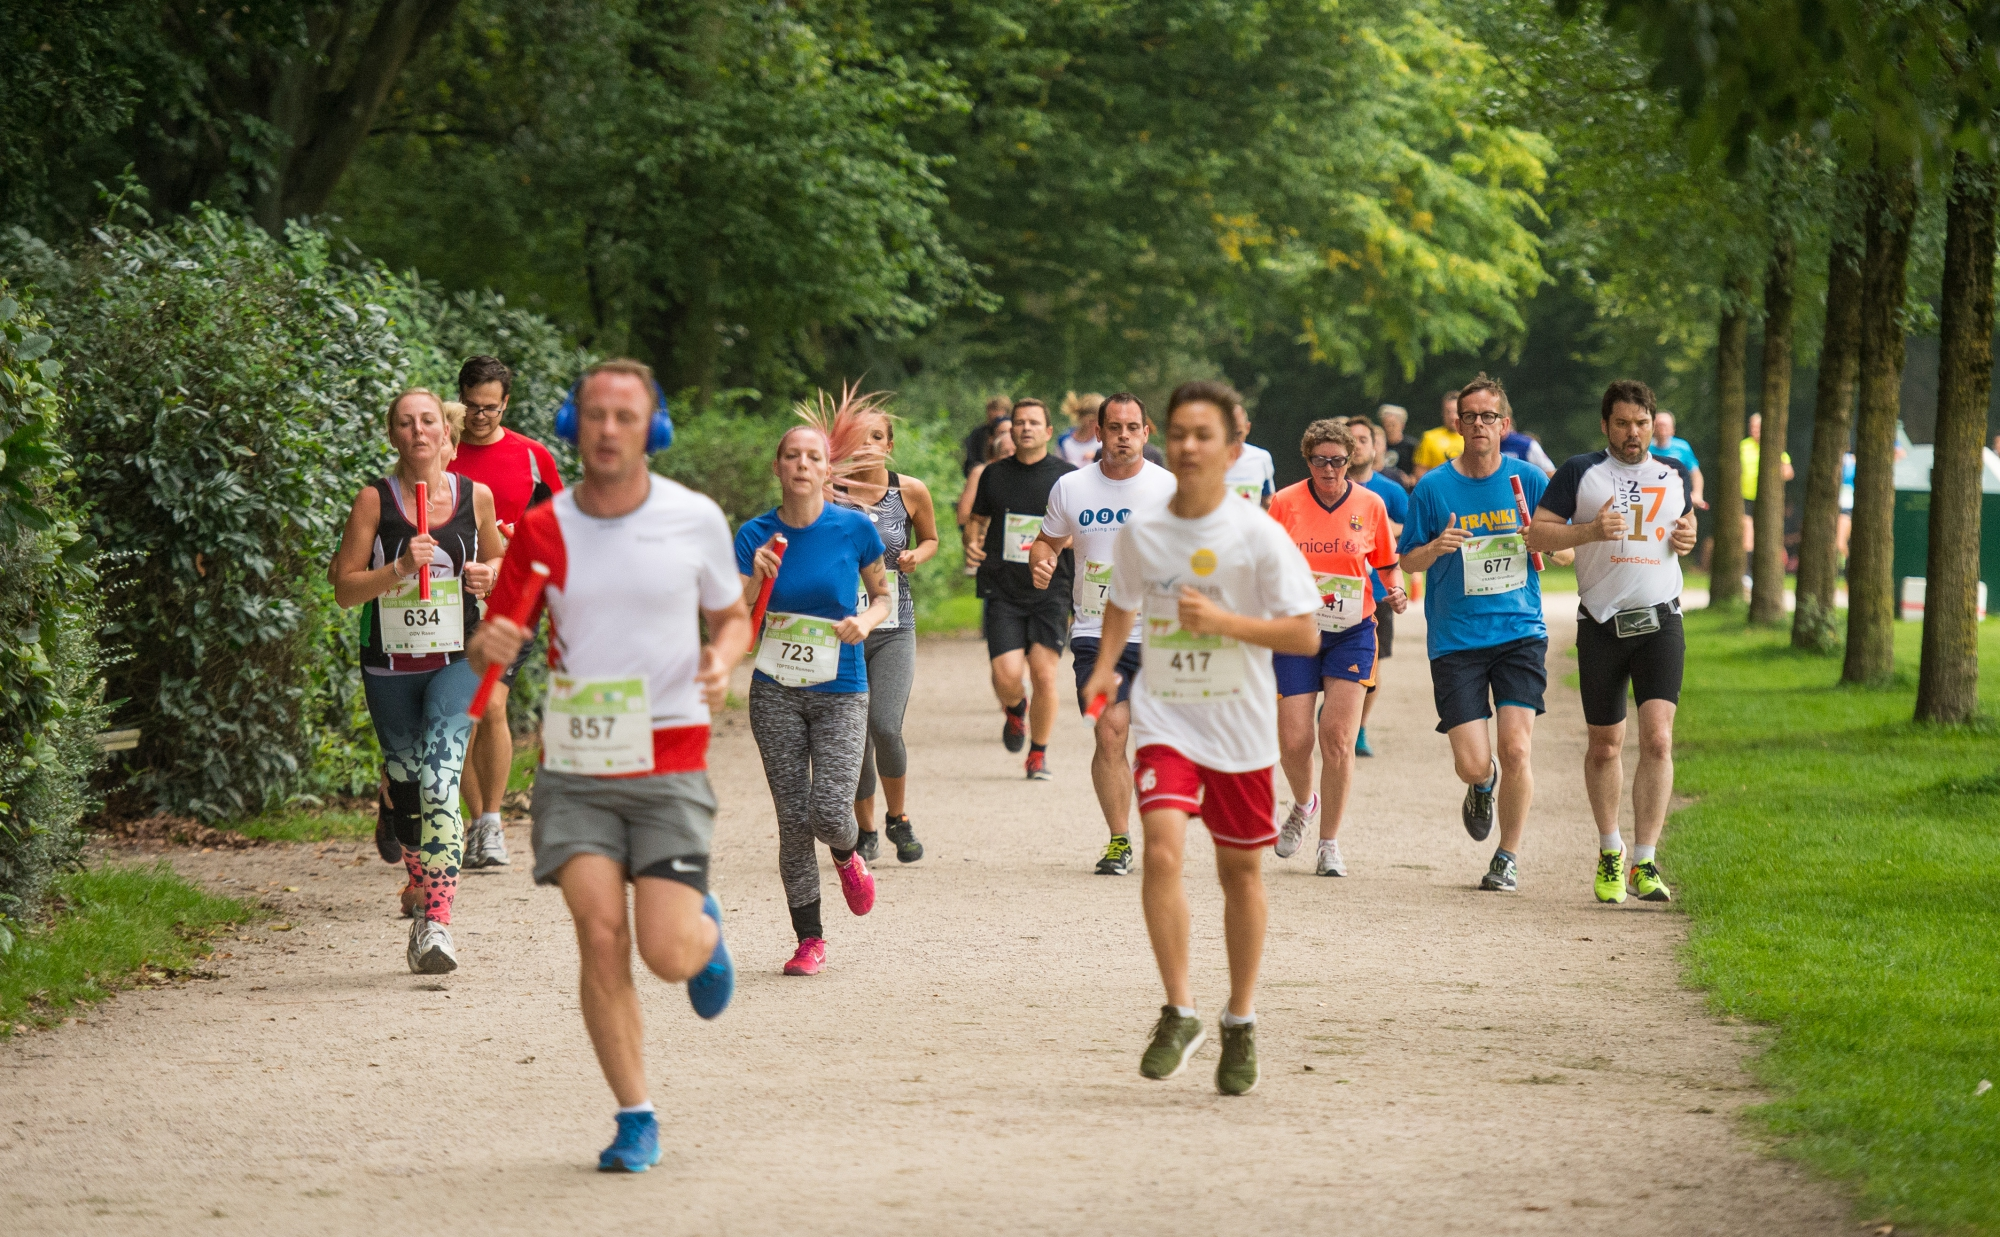 MOPO Team-Staffellauf am 30.08.2017 in Hamburg. Foto: Daniel Reinhardt